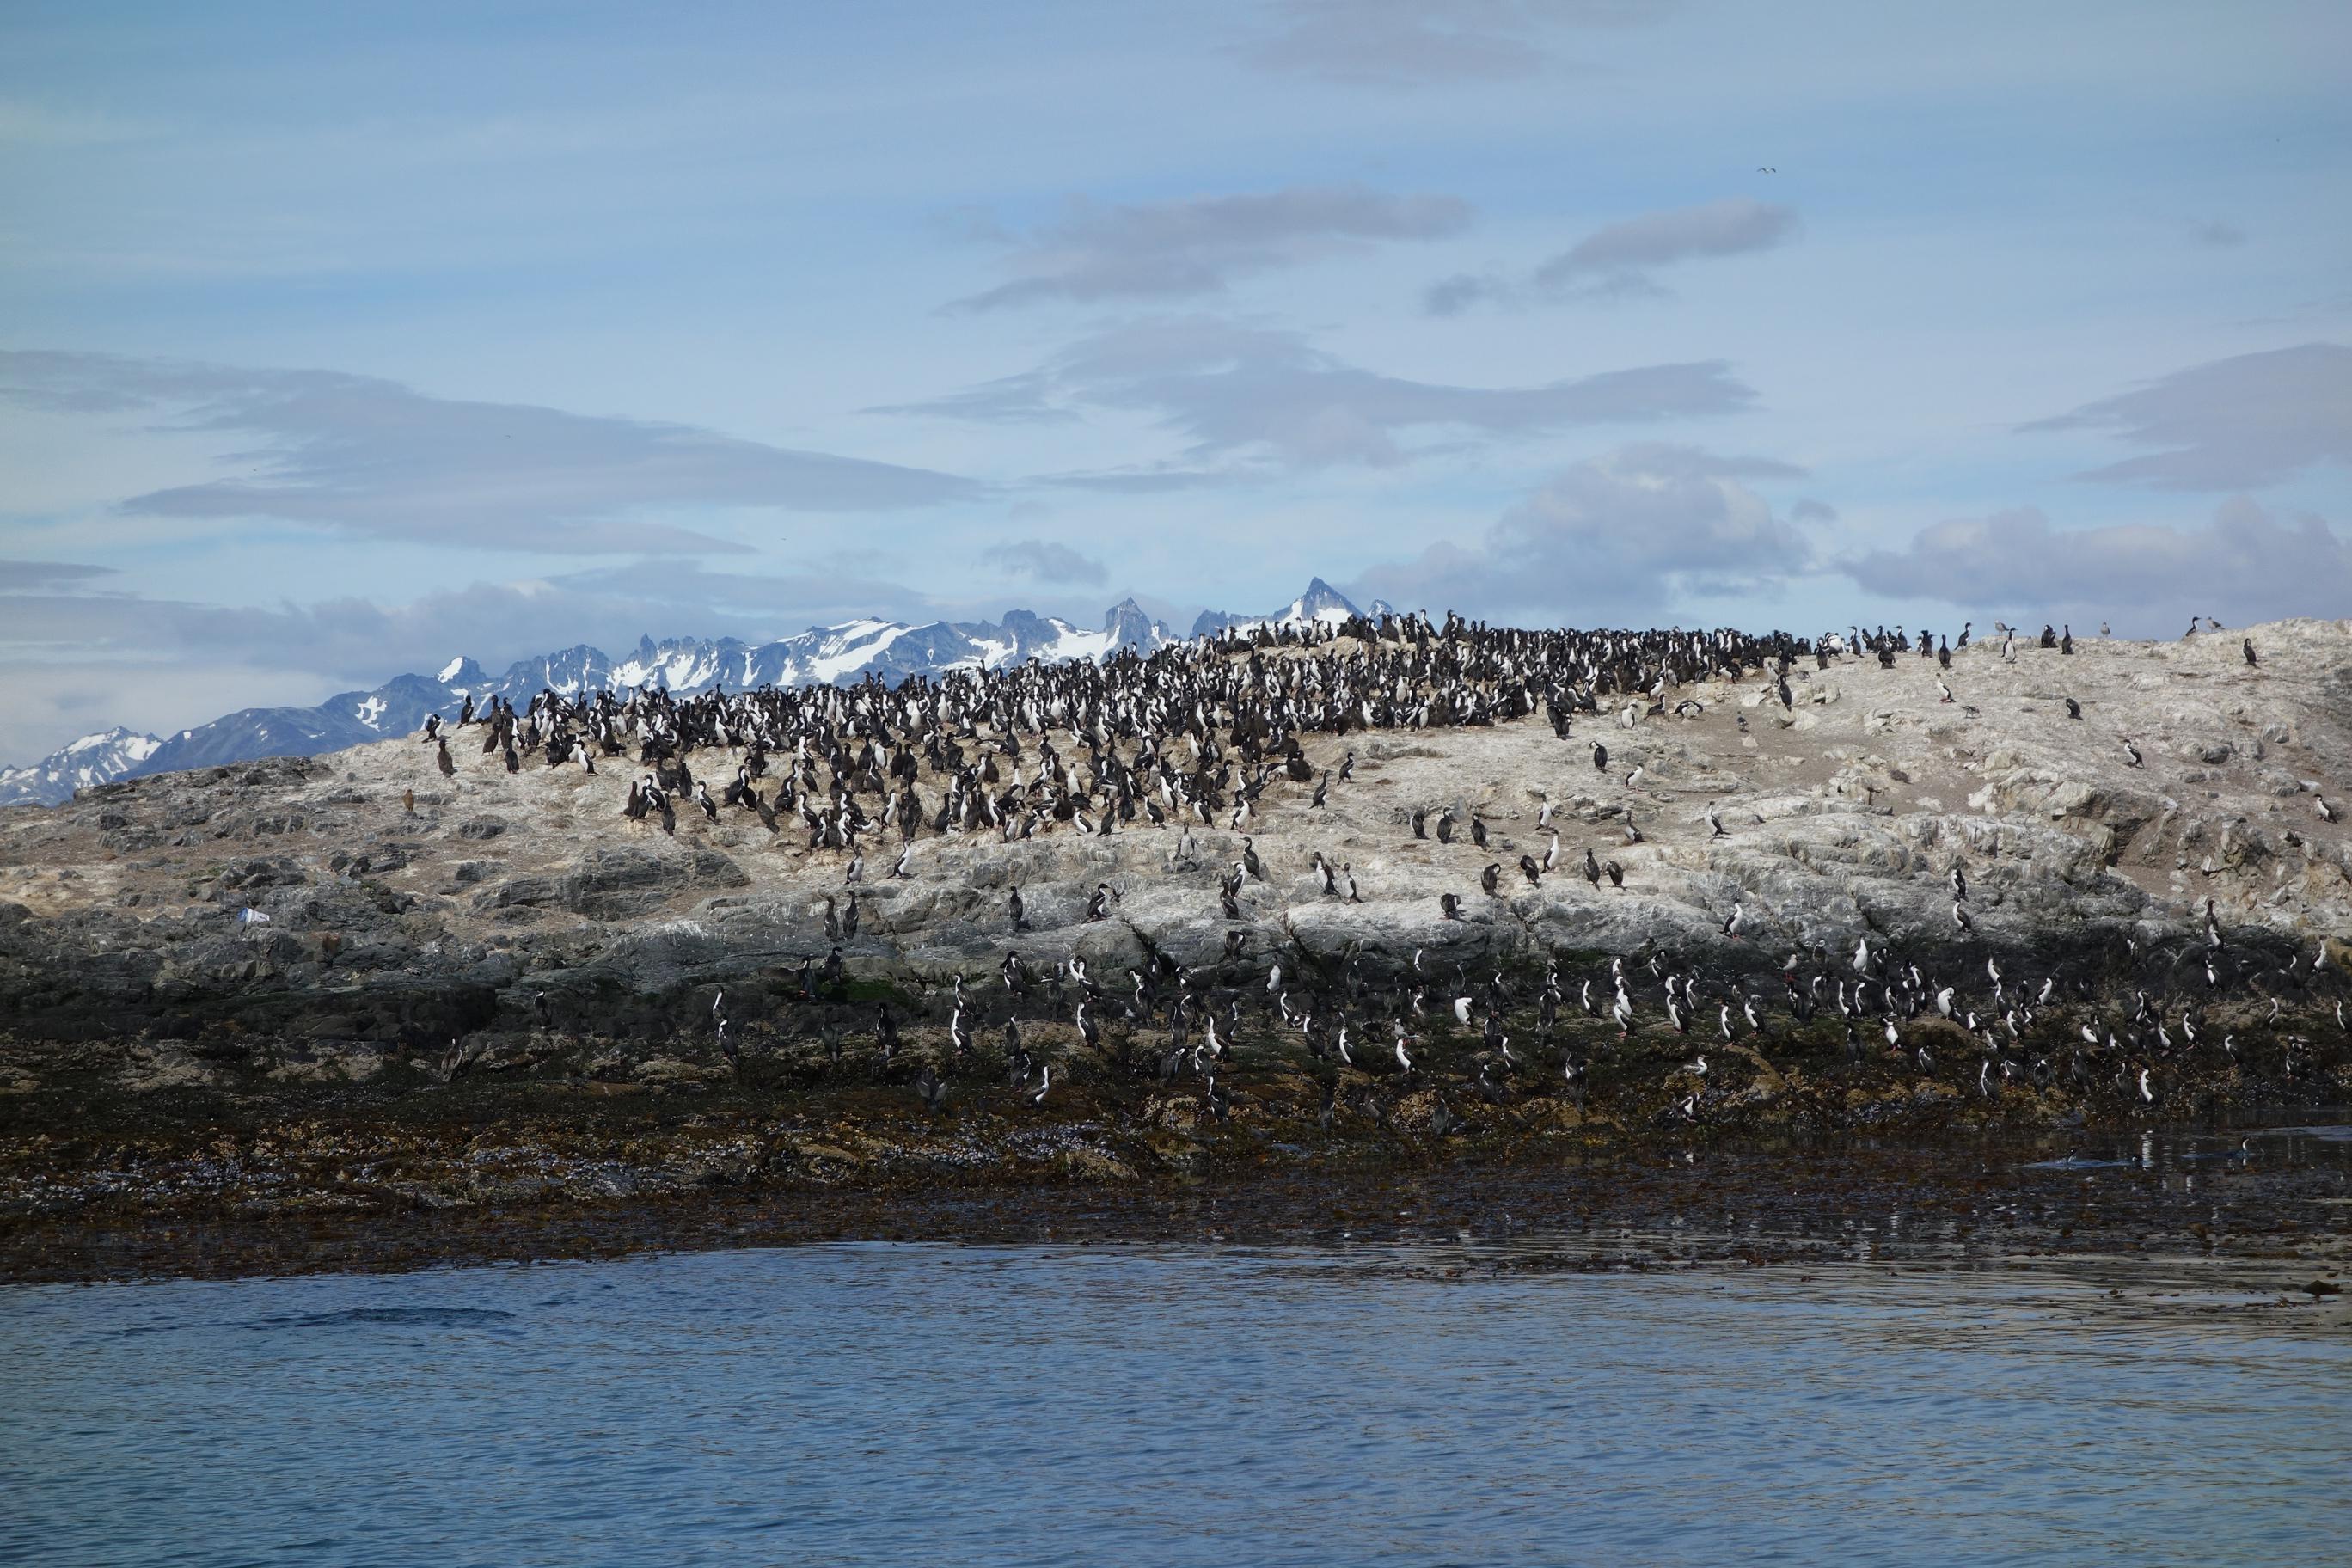 Through the lens: Tierra del Fuego